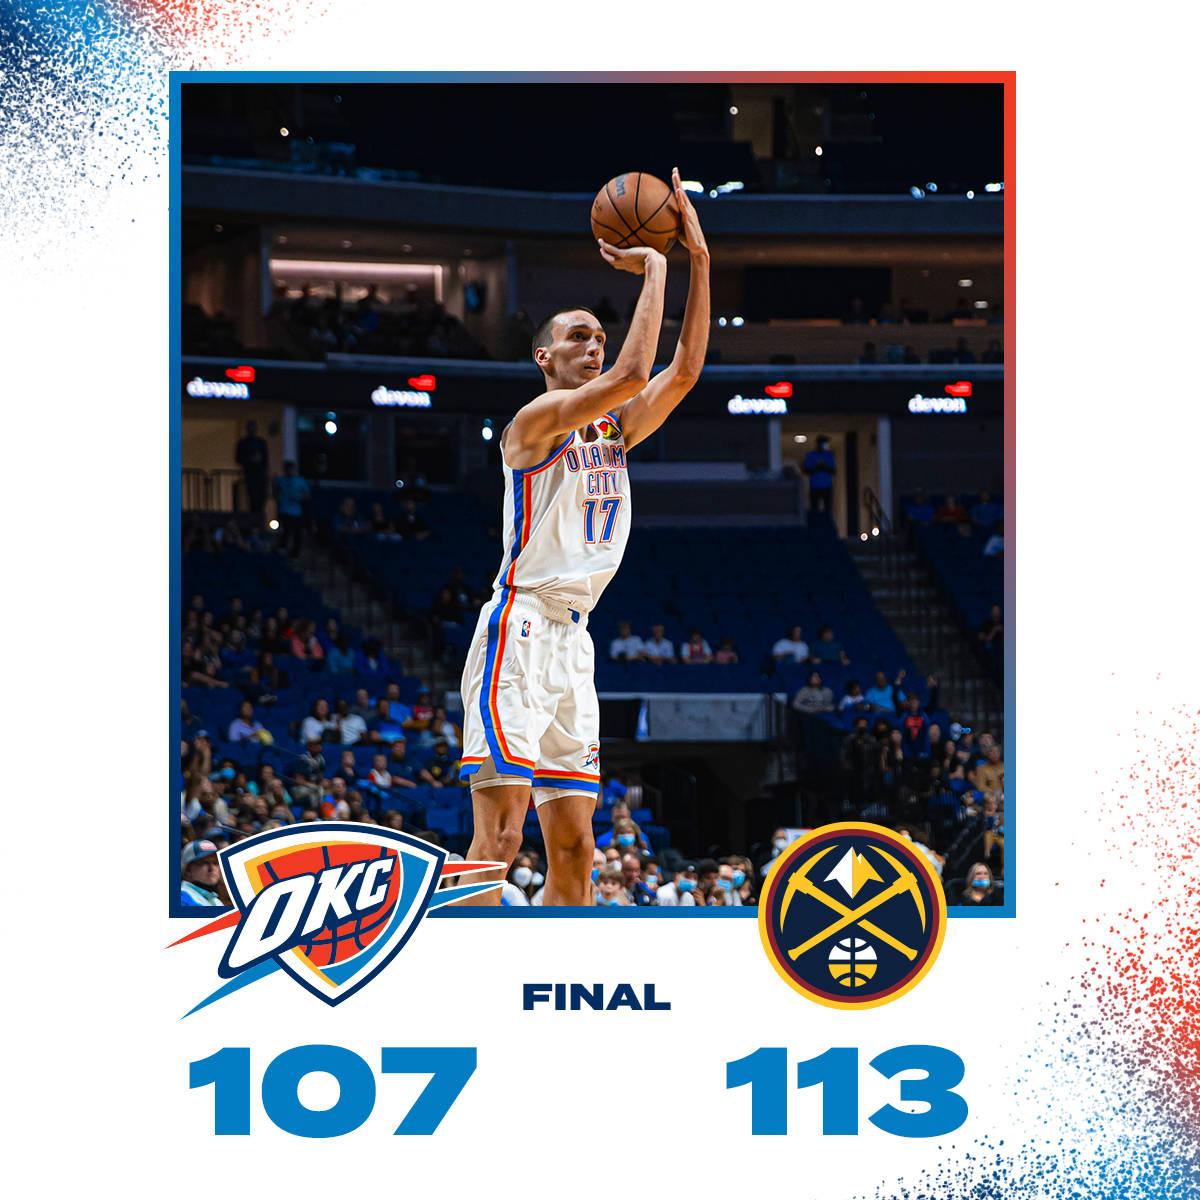 北京时间10月15日,NBA季前赛继续激战,其中丹佛掘金加时